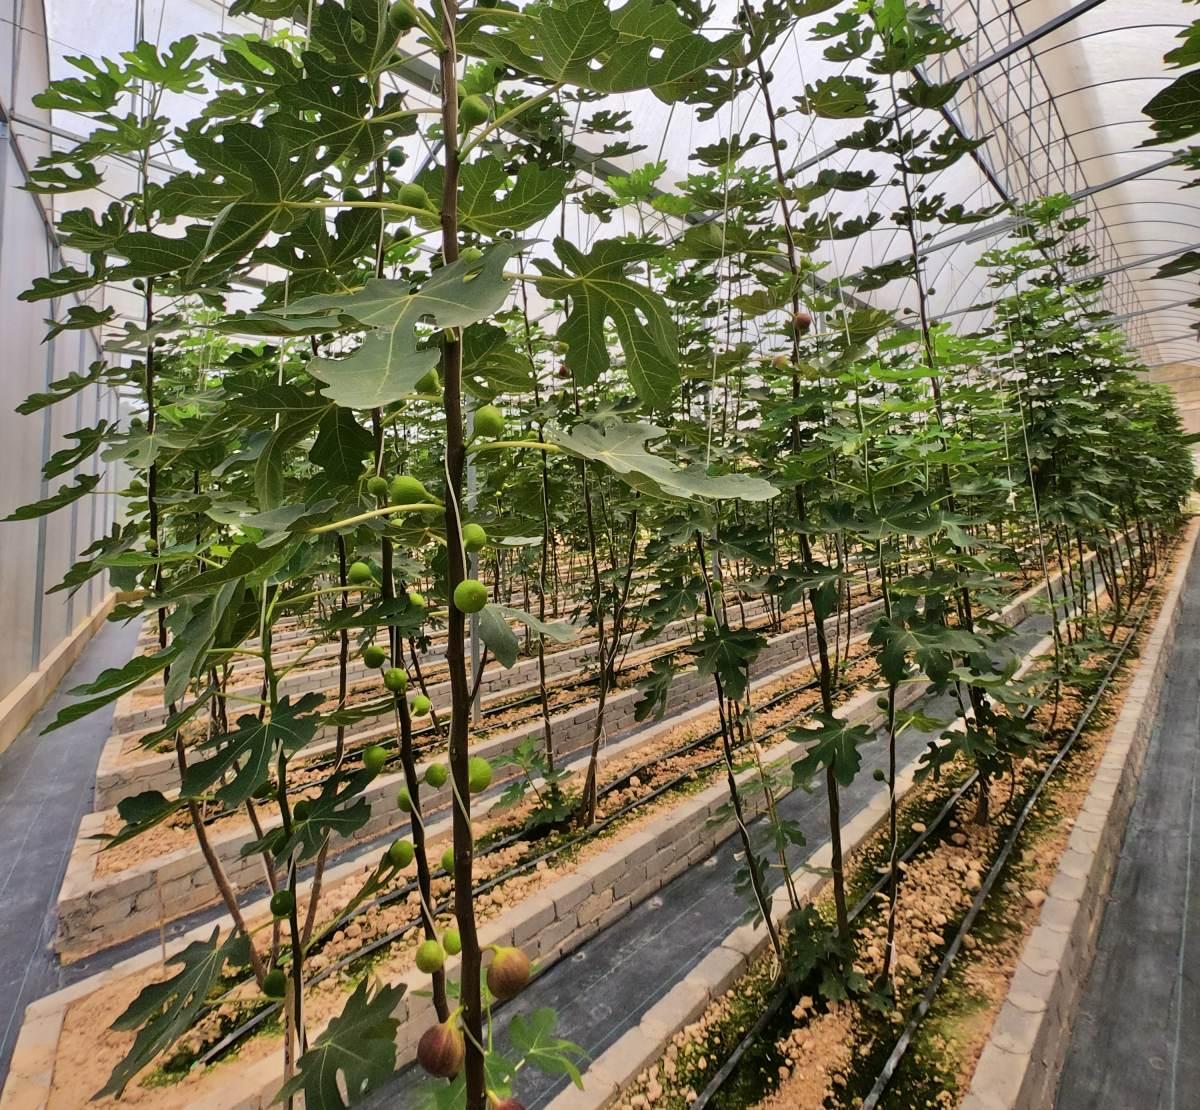 Fig farm at Janda Baik